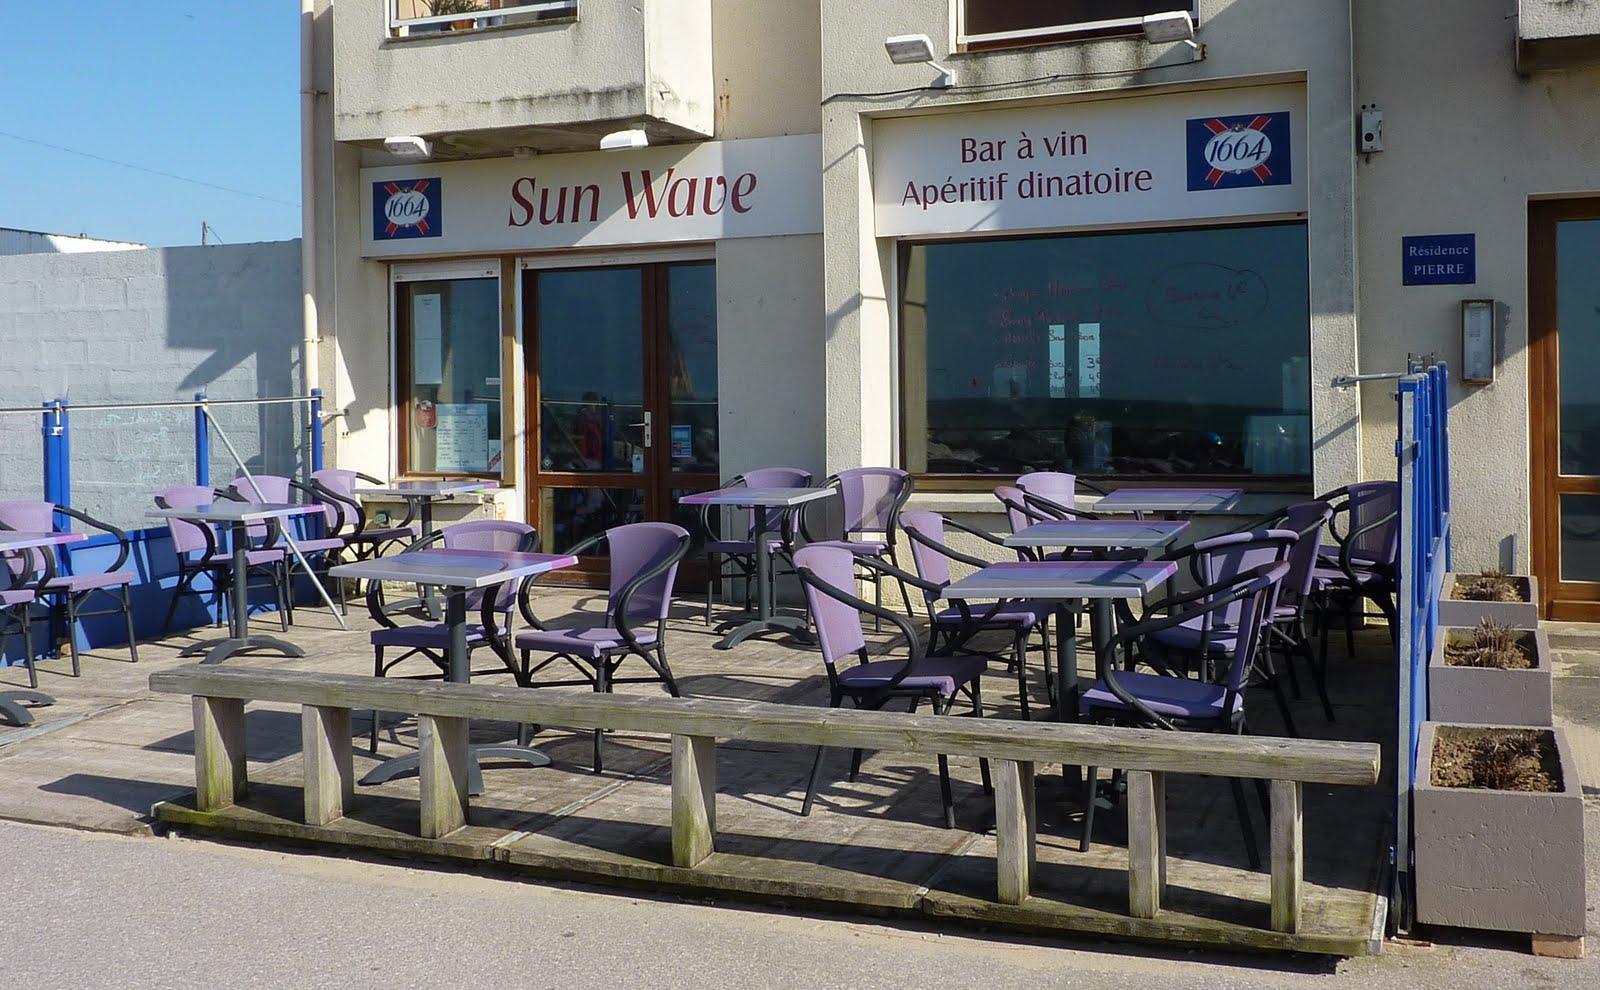 Village Mag Sun wave